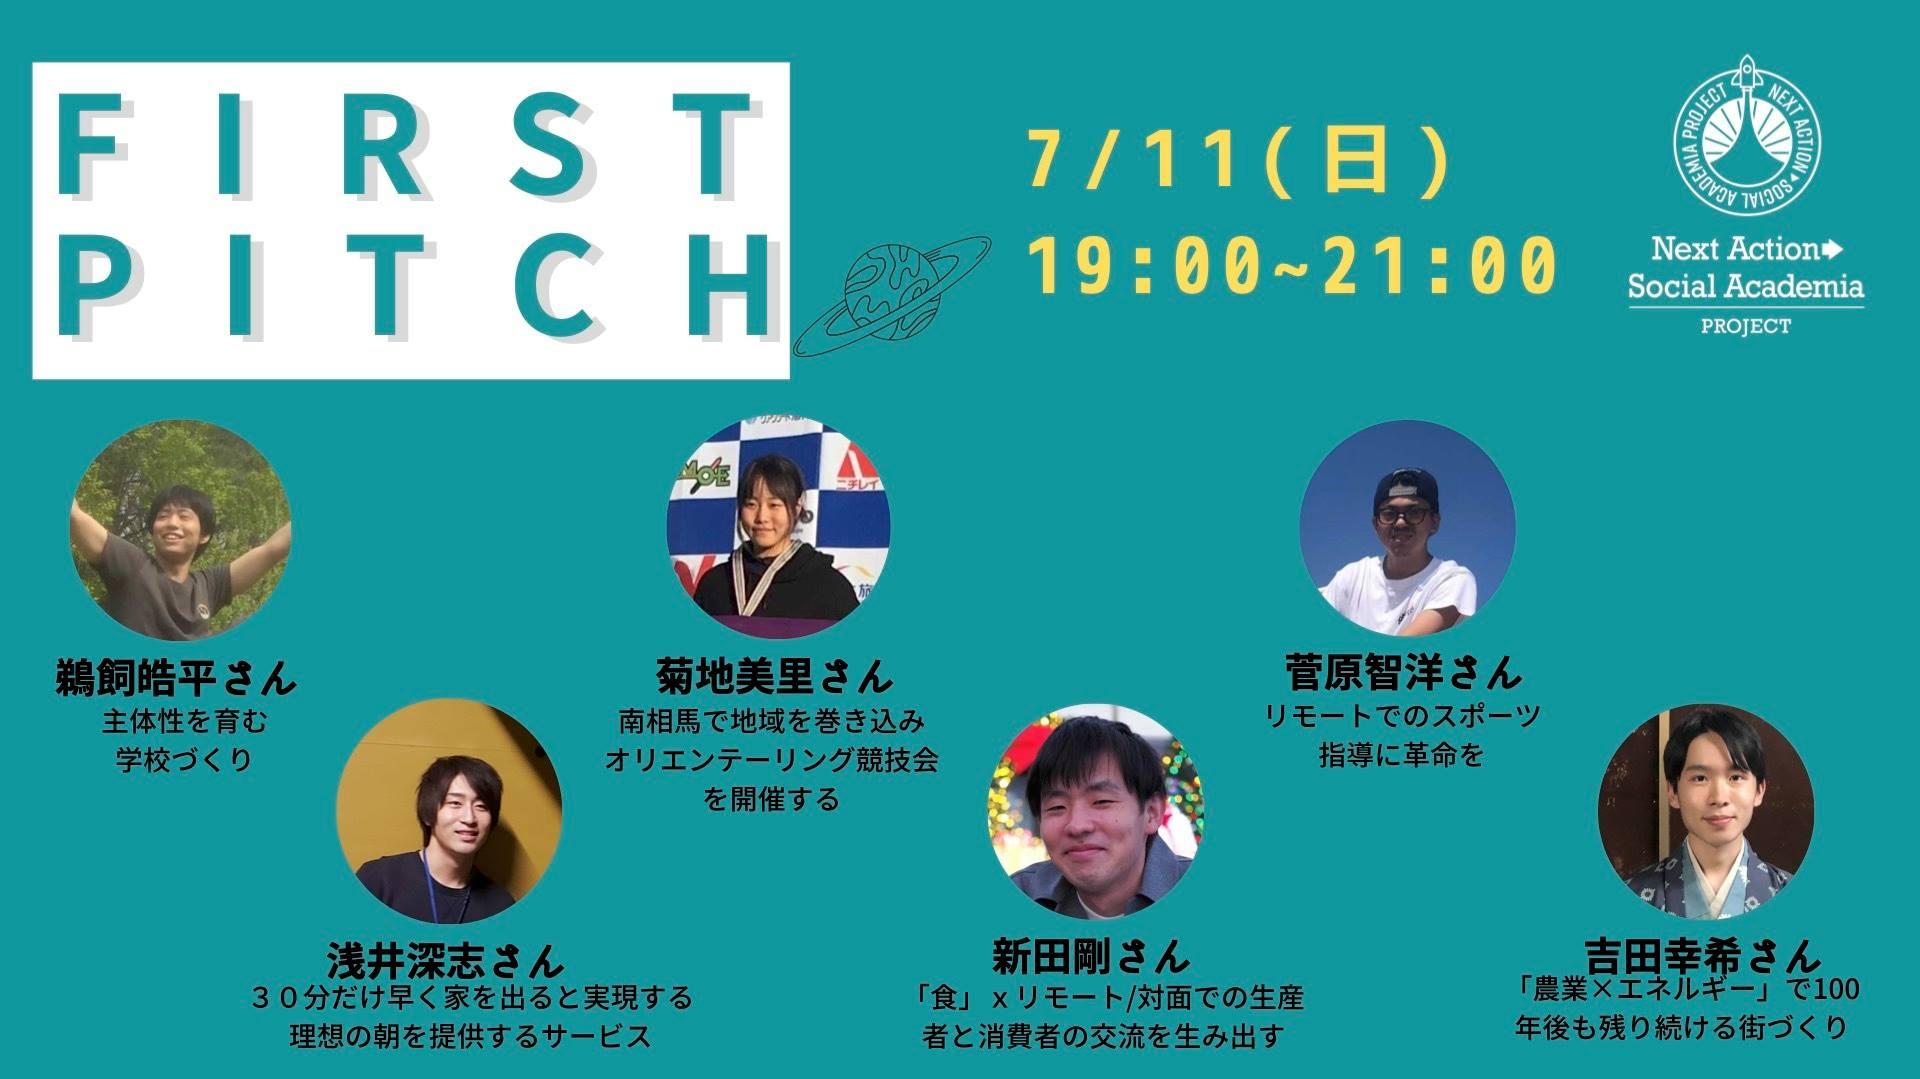 7月11(日)福島県南相馬市 Next Action→ Social Academia PROJECTでのBeyondミーティング 開催報告